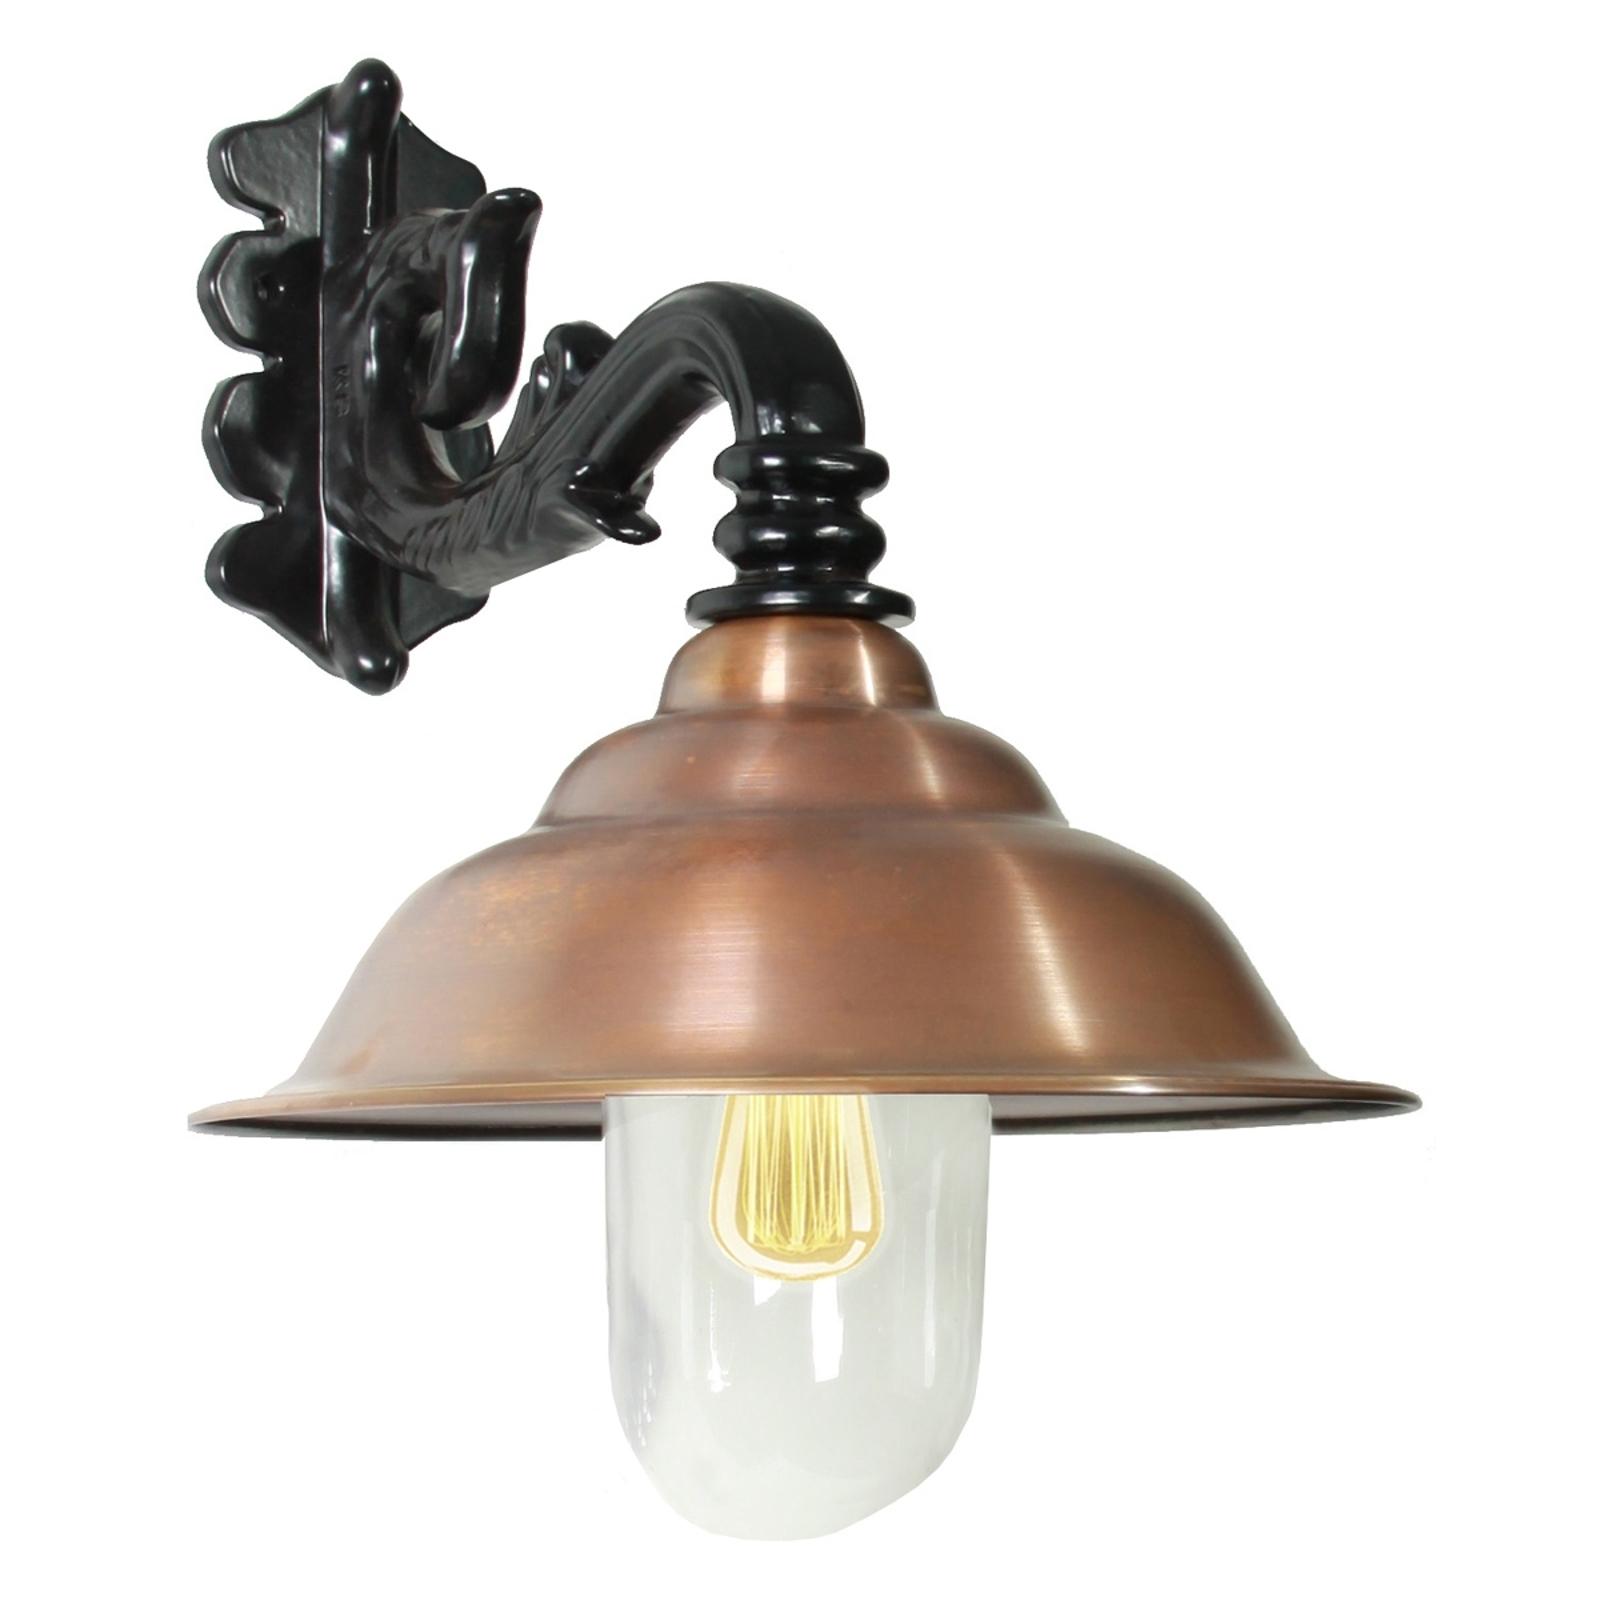 Zewnętrzna lampa ścienna CHATEAU